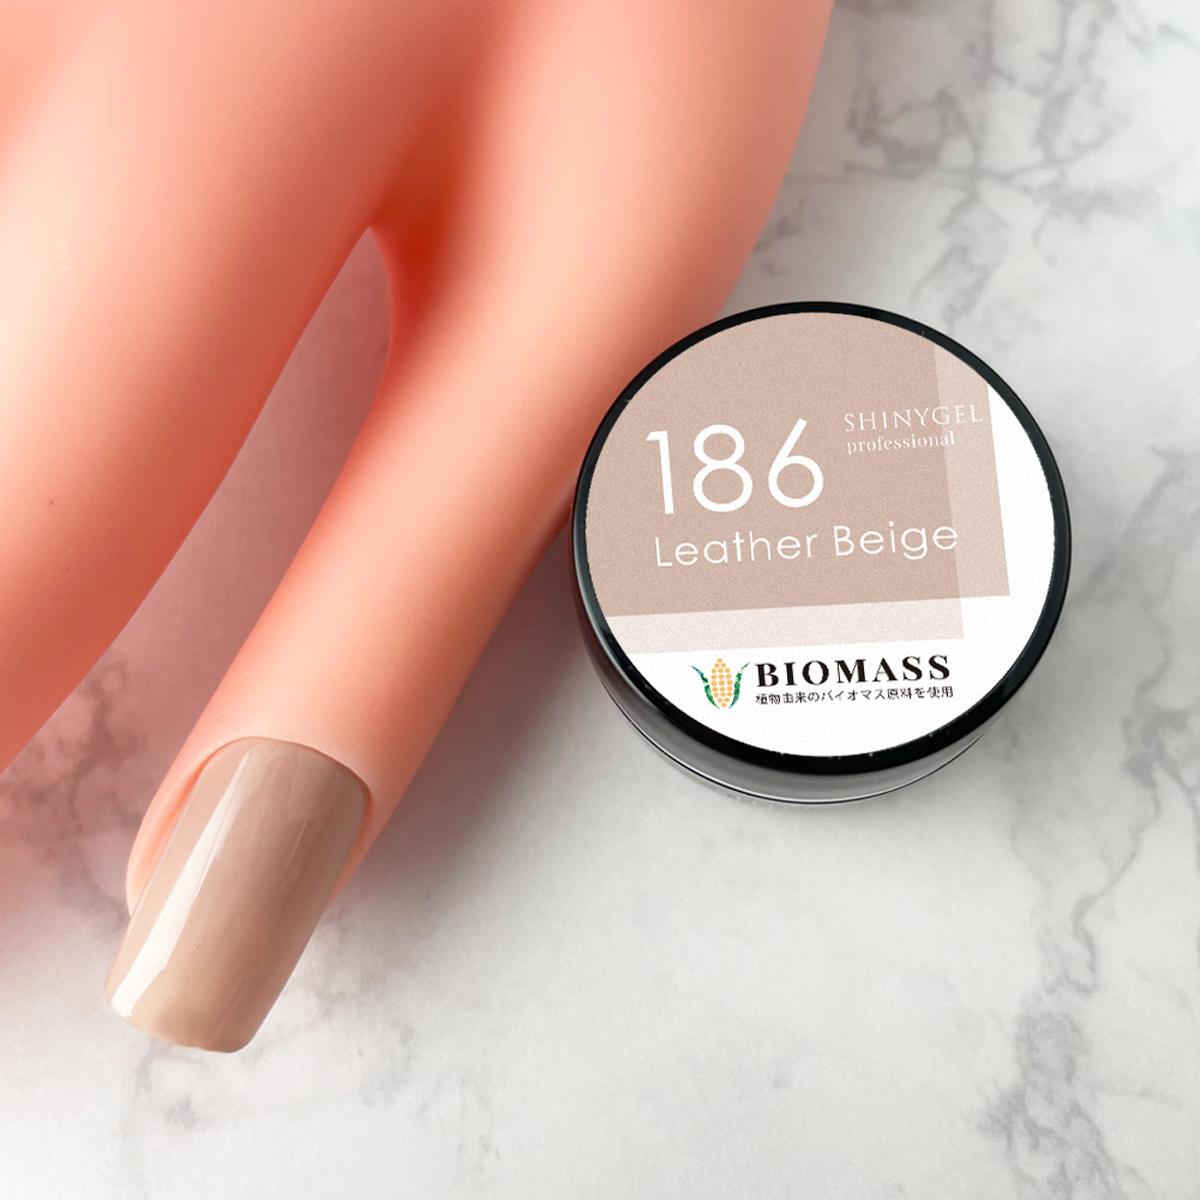 SHINYGEL Professional:カラージェル 186/レザーベージュ 4g (シャイニージェルプロフェッショナル)[UV/LED対応○](JNA検定対応)